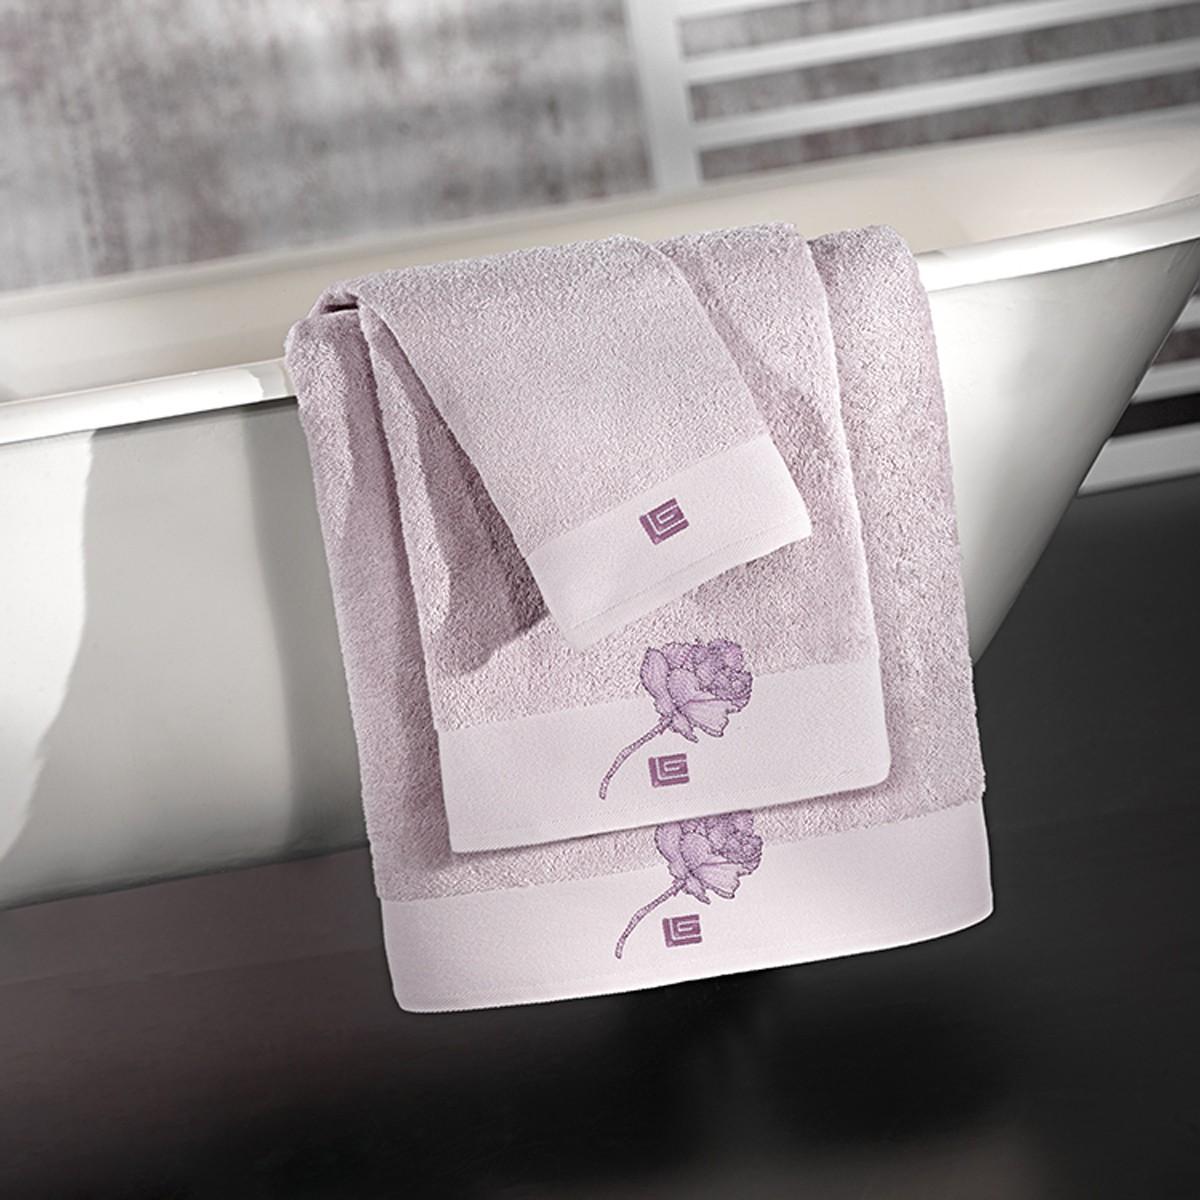 Πετσέτες Μπάνιου (Σετ) Guy Laroche Celia Lilac home   μπάνιο   πετσέτες μπάνιου